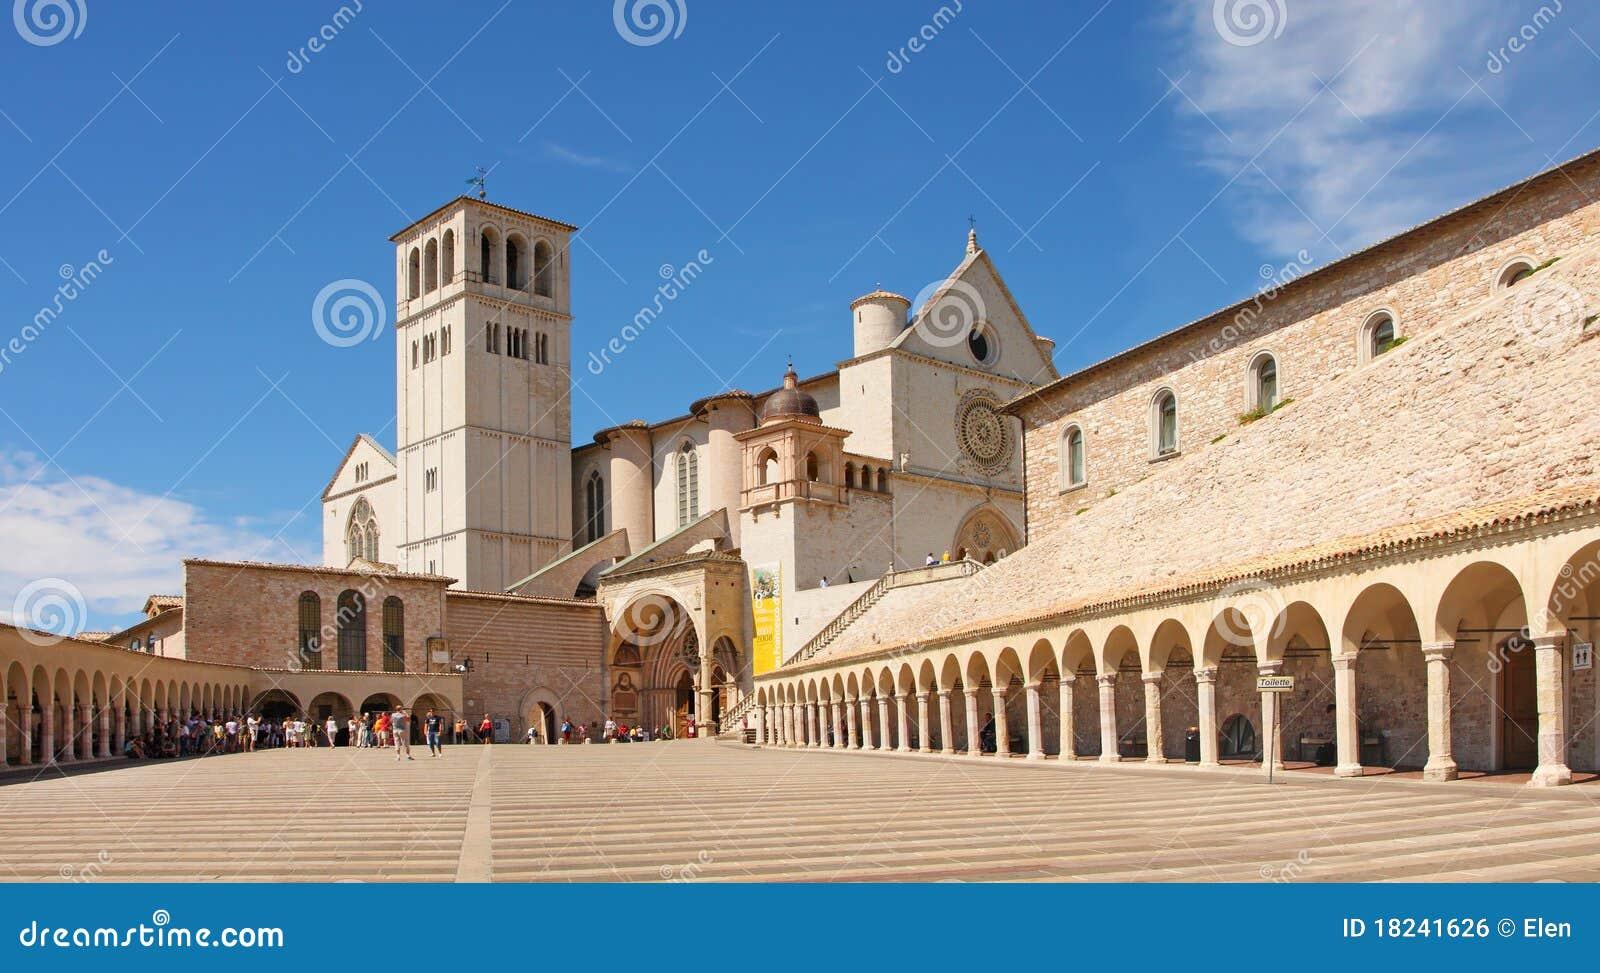 Italy, basilica of San Francesco d Assisi